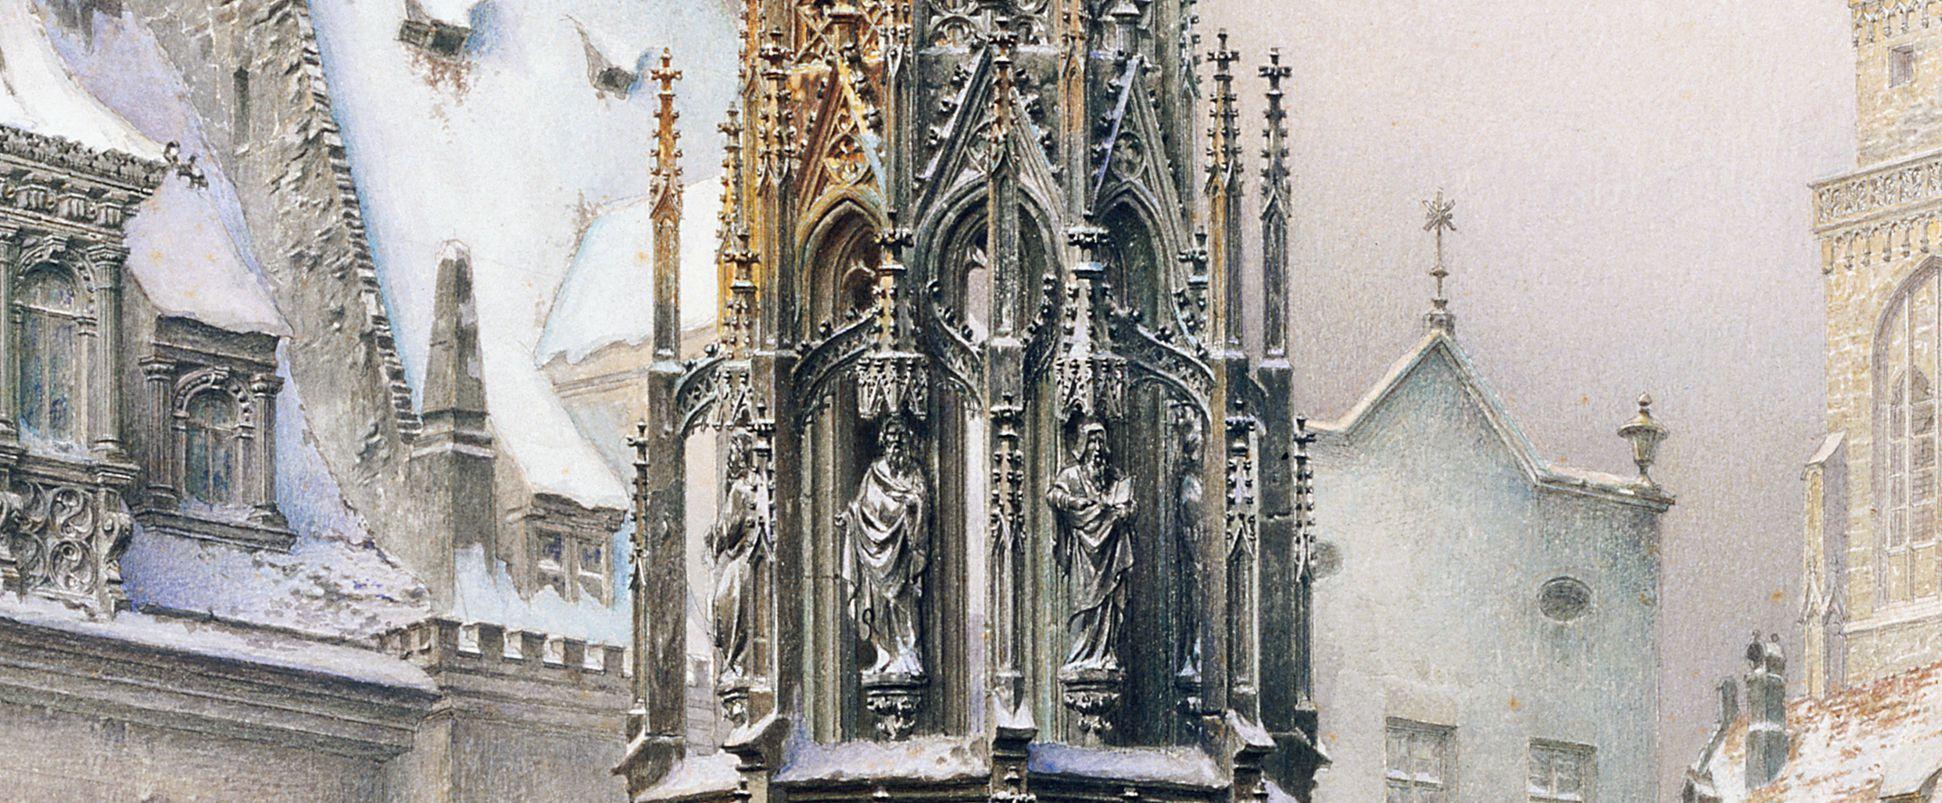 Christkindlesmarkt mit Schönen Brunnen Brunnen, Detail